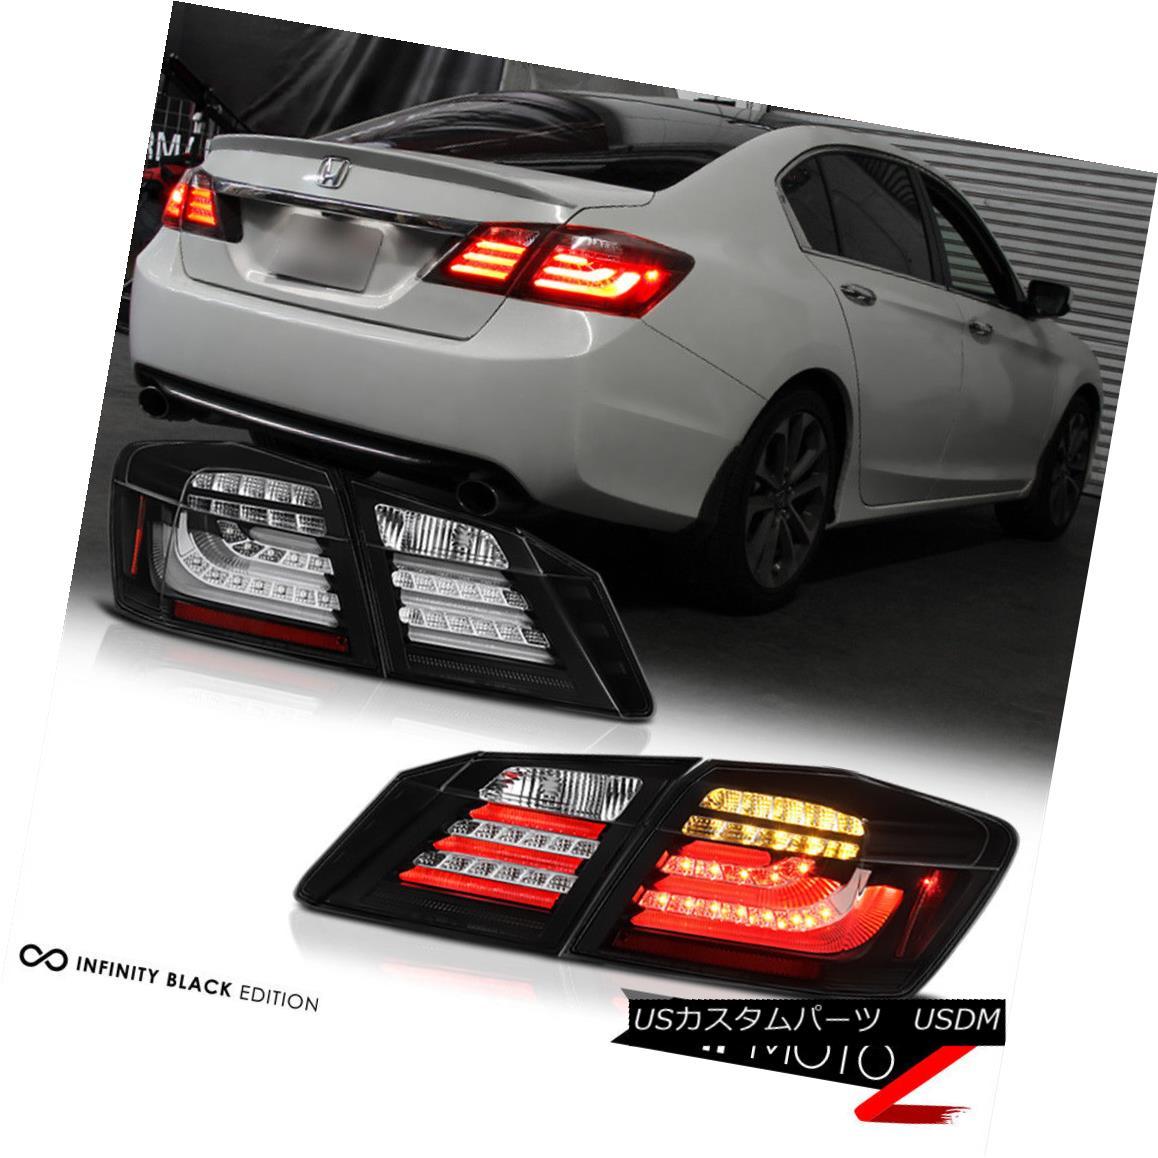 テールライト JDM 2013-2015 Accord Sport EX LX Black [HIGH POWER] LED Taillights Brake Signal JDM 2013-2015アコードスポーツEX LXブラック[HIGH POWER] LEDターンライトブレーキ信号